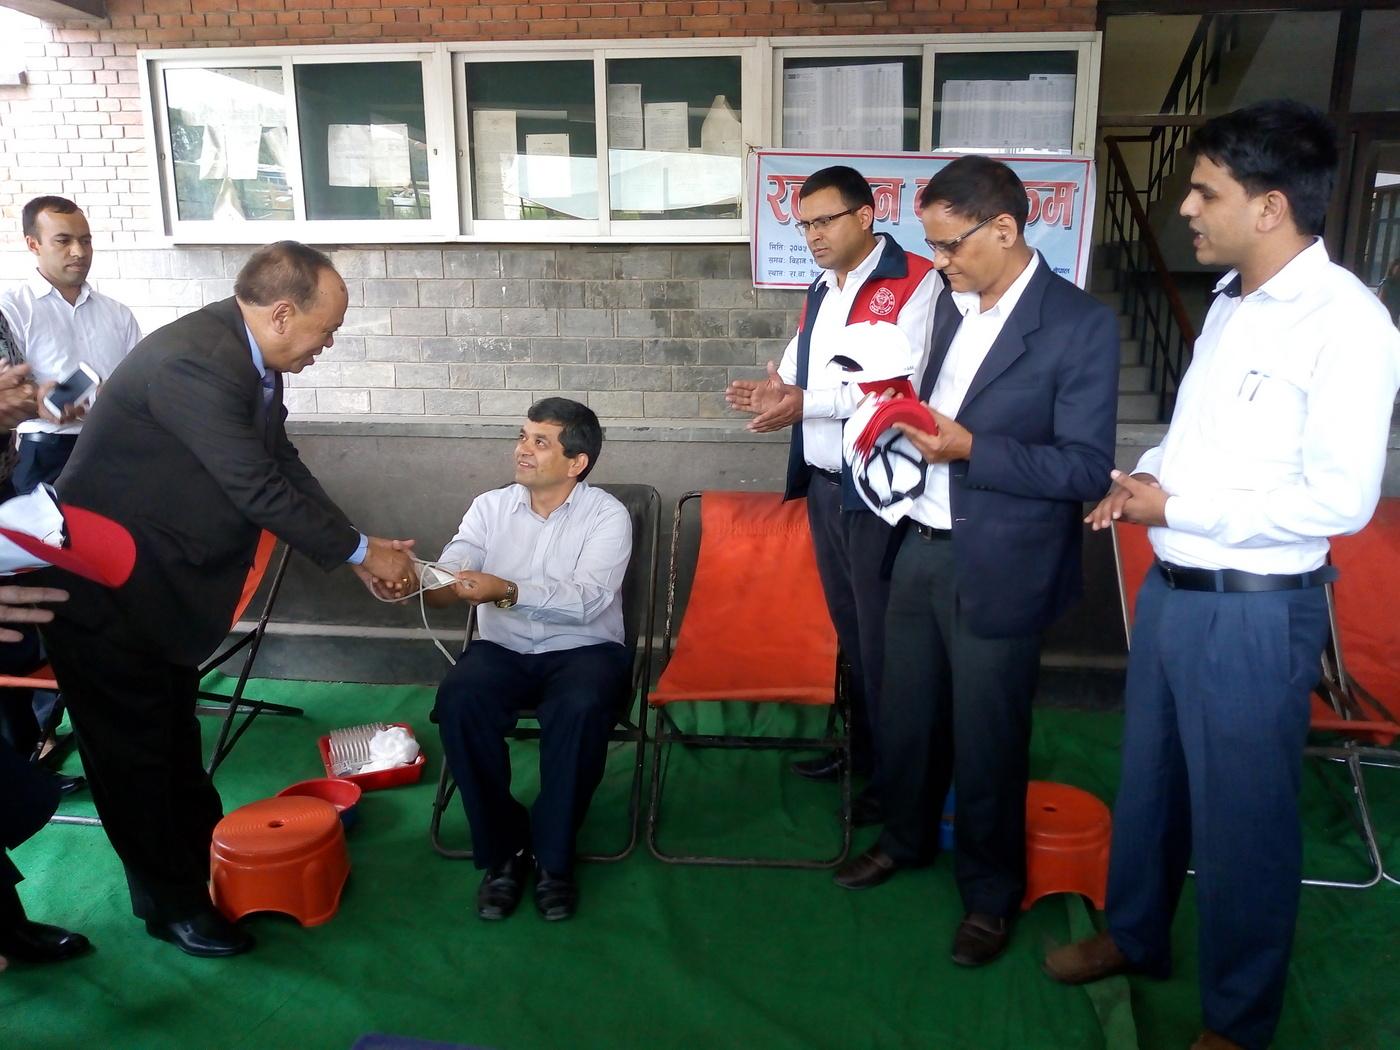 राष्ट्रिय वाणिज्य बैंक कर्मचारी संघ नेपालद्धारा रक्तदान कार्यक्रम आयोजना